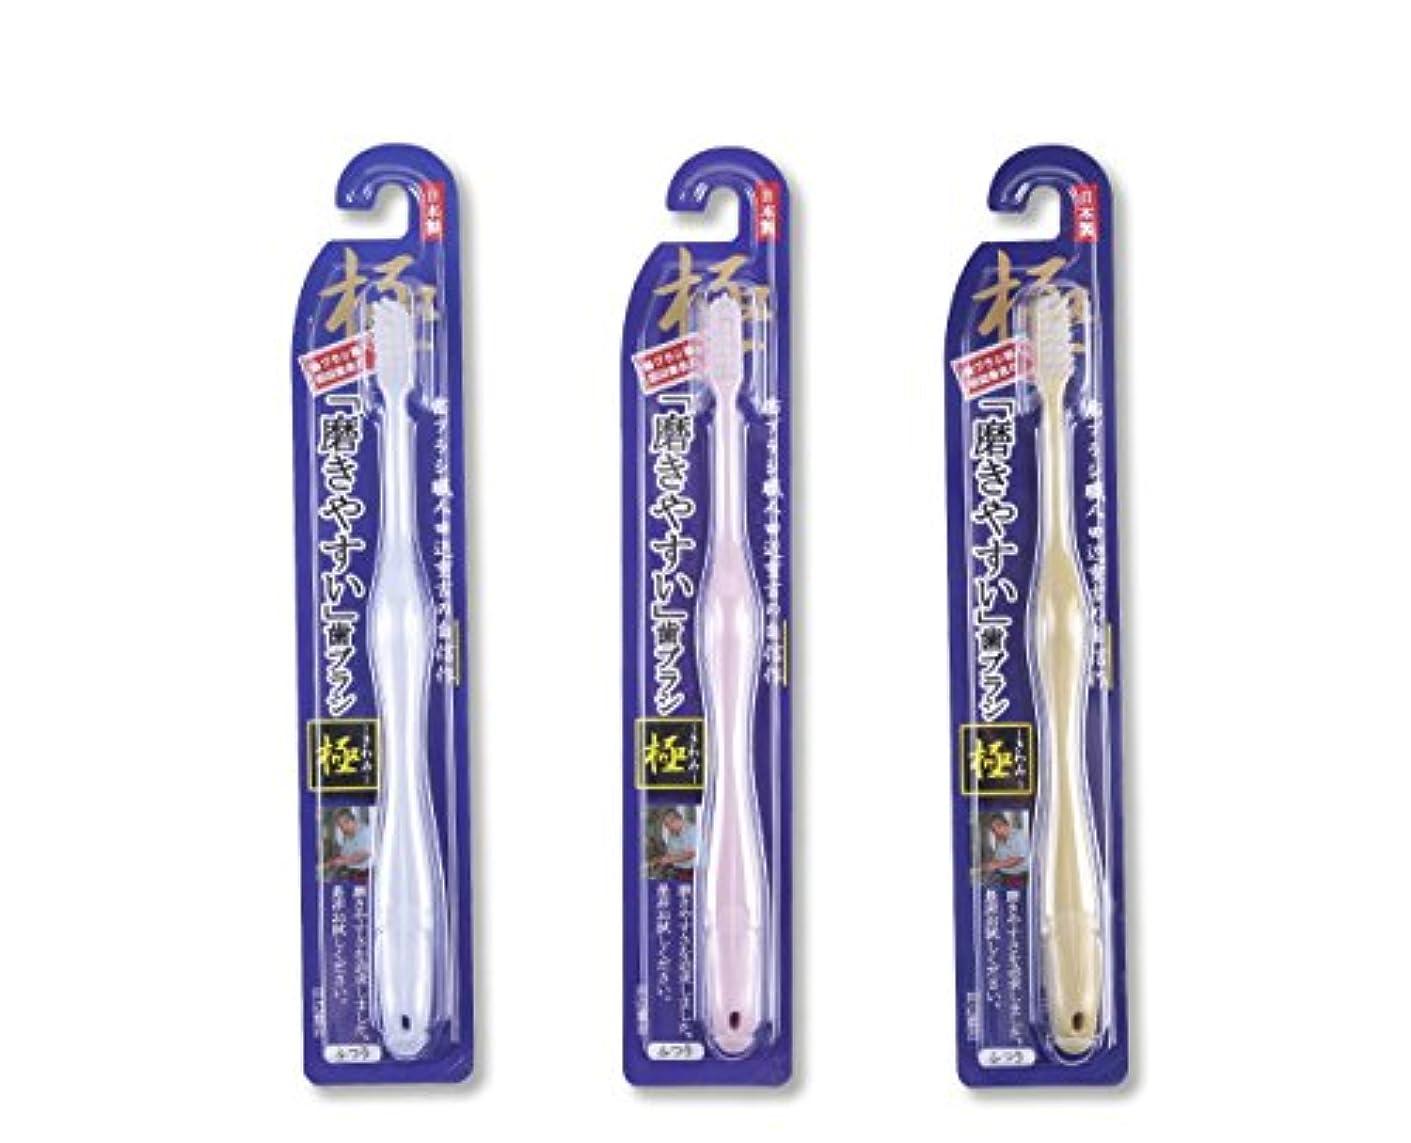 転用打倒受ける歯ブラシ職人Artooth ® 田辺重吉の磨きやすい歯ブラシ 極 LT-09 (3本入)